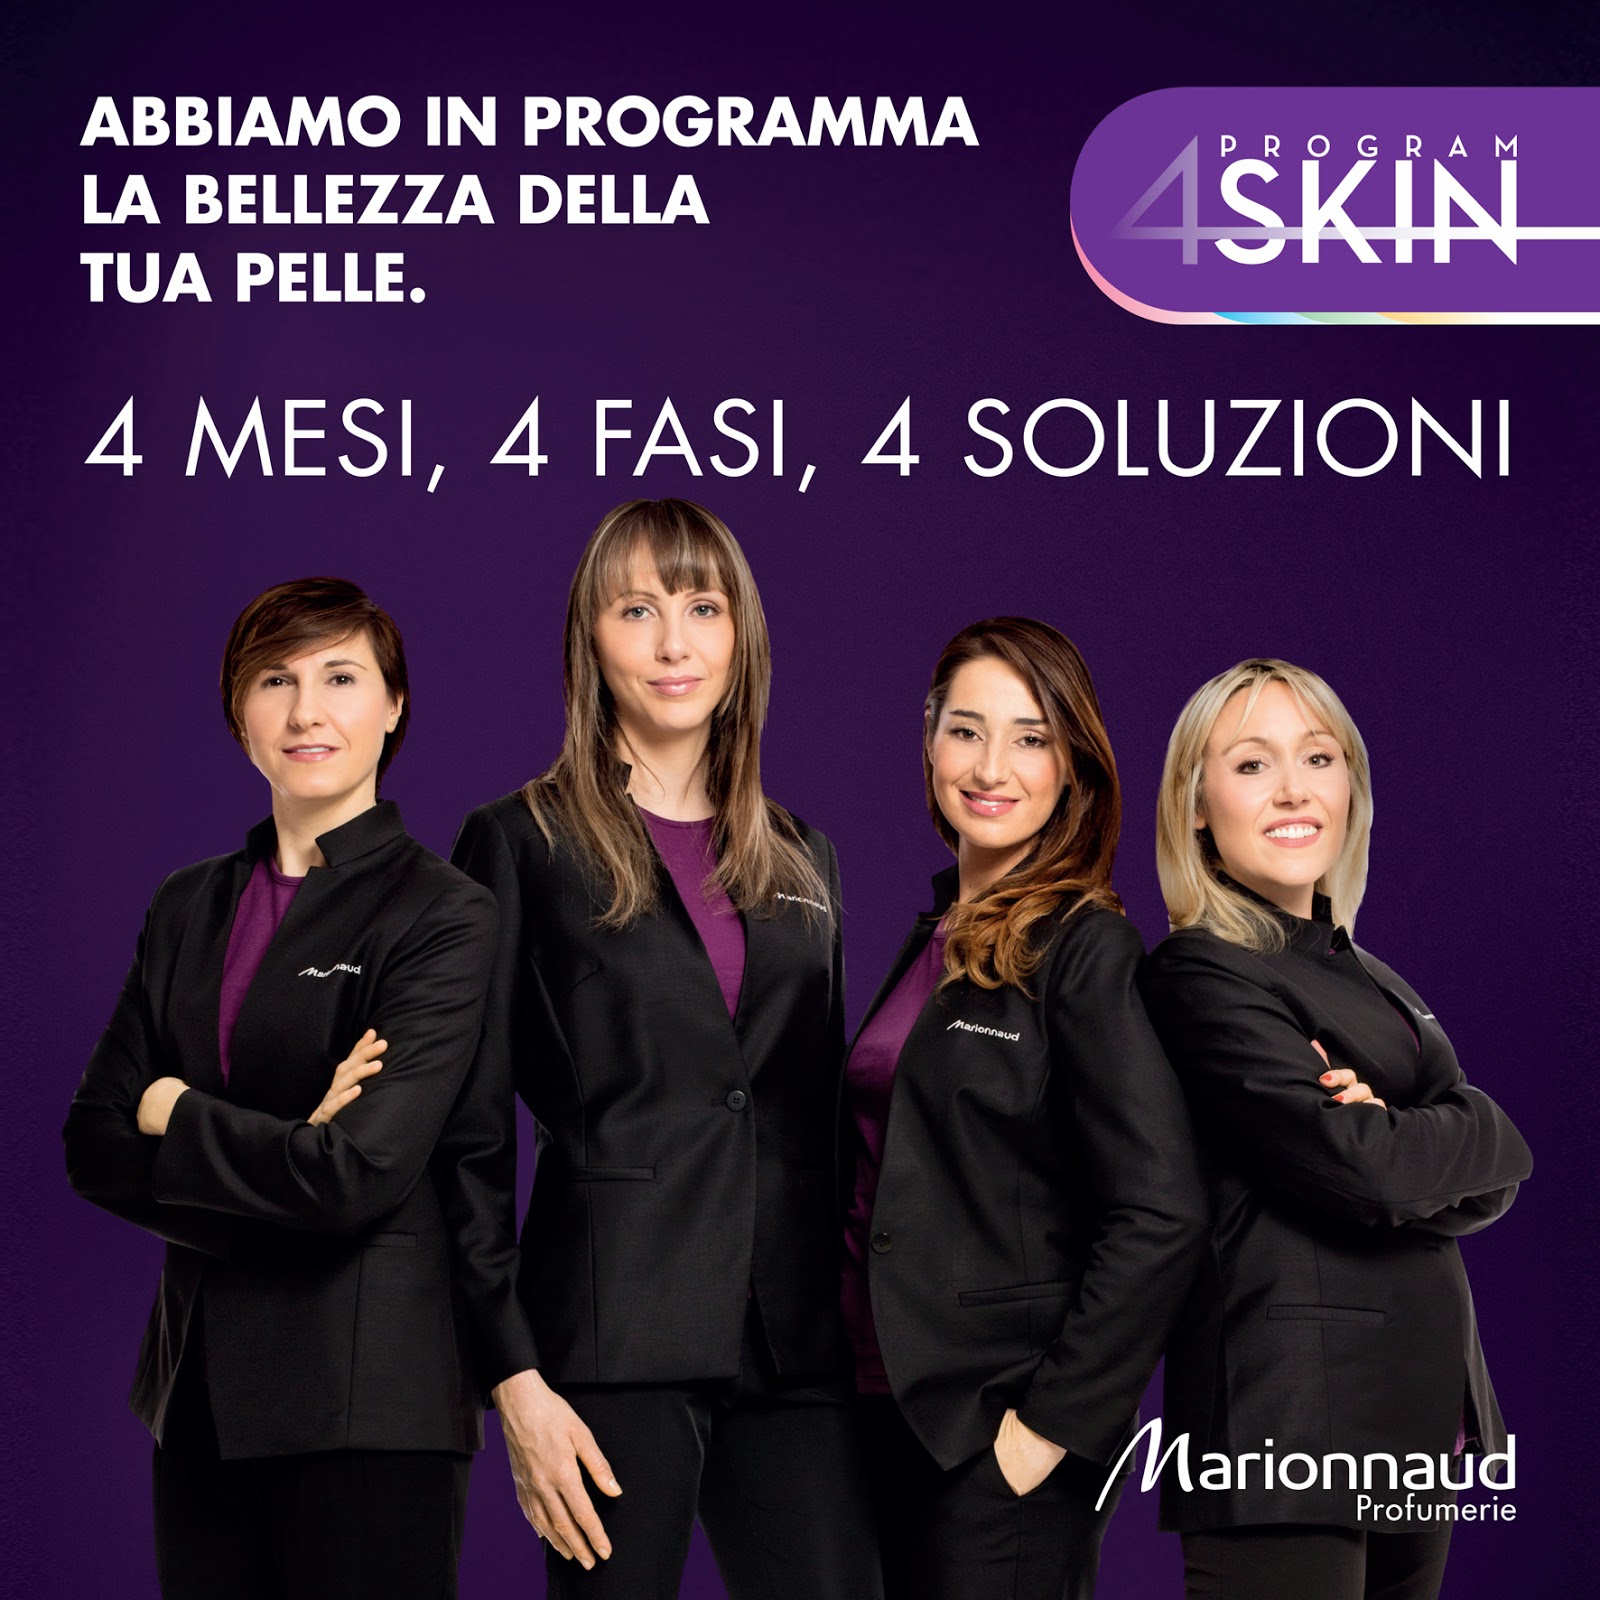 www.4skinprogram.it.